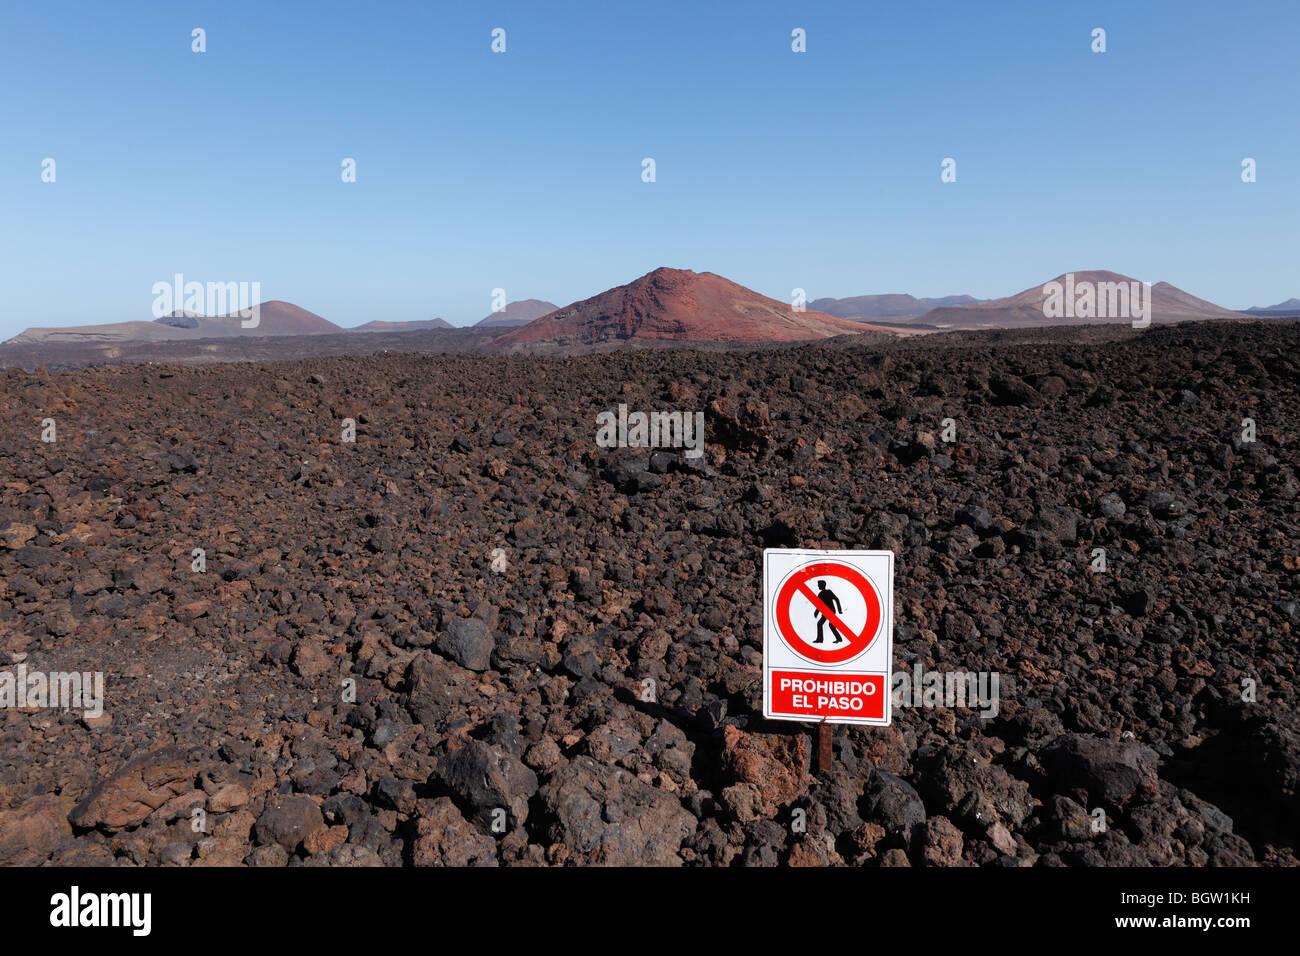 No Entry sign, Prohibito El Paso, Parque Natural de los Volcanes, Los Volcanos National Park, volcanos, Lanzarote, - Stock Image